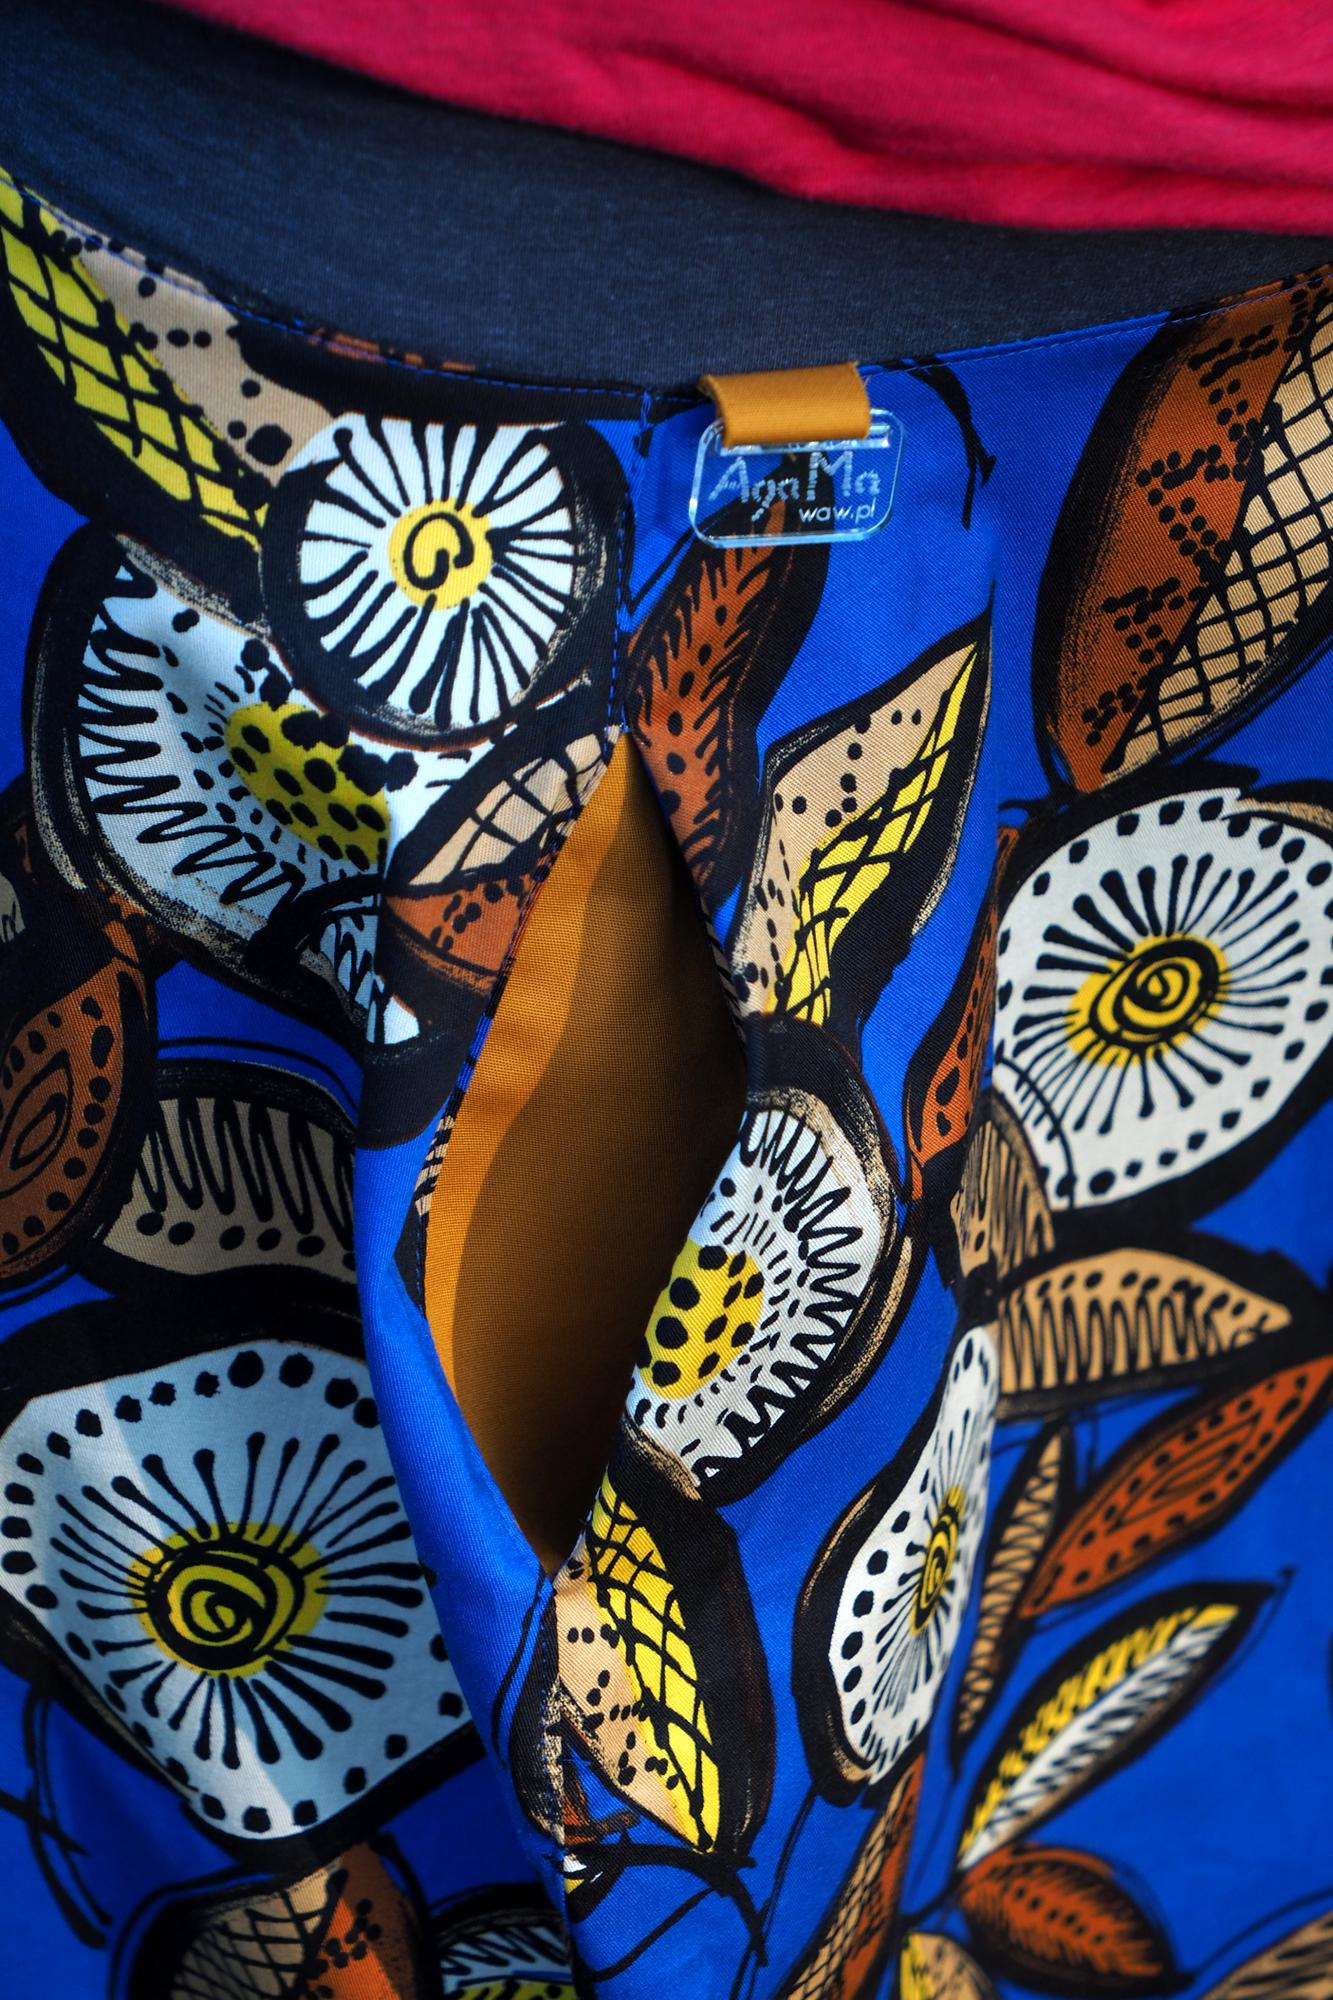 Krótka, niebieska spódnica w roślinne wzory. Z elementami koloru pomarańczowego i białego. Spódnica uszyta jest z bawełny, z 4 części mających kształt zaokrąglonych rombów. WYMIARY Modelka na zdjęciu ma 172 cm wzrostu. Obwód w biodrach: do 95 cm Długość spódnicy od ściągacza: 45 cm Długość górnego ściągacza: 9 cm To idealna spódnica dla Ciebie, ponieważ: - podkreśla kobiecość, - można ją nosić tak jesienią i zimą, jak i latem, - ma szeroki ściągacz w pasie zamiast gumek, zamków i pasków, - dzięki ww. ściągaczowi można ją nosić zarówno na wysokości pasa, jak i bioder, - praktyczne kieszenie pomieszczą niezbędne drobiazgi, - zapewnia swobodę i wygodę. - sprawdza się także przy zabawach i spacerach, również z dziećmi. STYLIZACJA Bardzo kobiecy efekt zapewni połączenie spódniczki z czółenkami i sandałami na obcasie. Również płaskie obuwie, typu baleriny czy sandałki sprawdzają się w tym zestawie. Do spódniczki można dopasować tak t-shirt, jak bluzkę z długim rękawem czy koszulę. Na chłodni